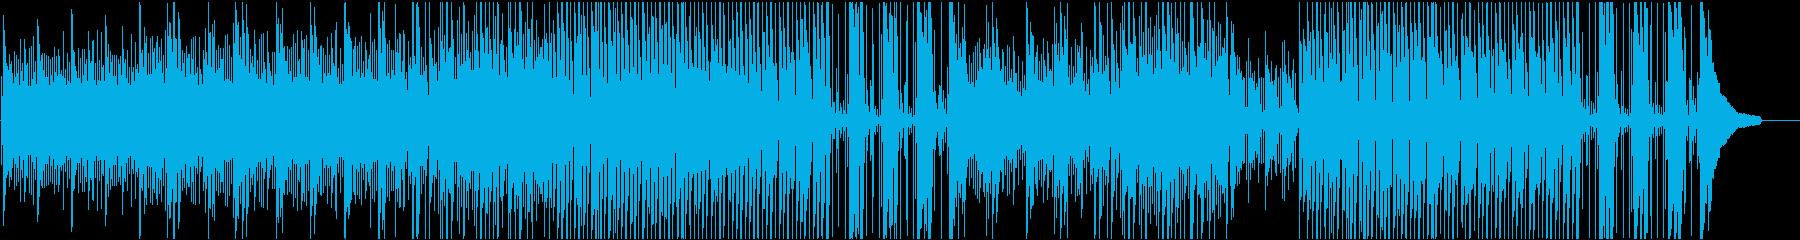 企業VPや映像に美しく感動的ピアノジャズの再生済みの波形